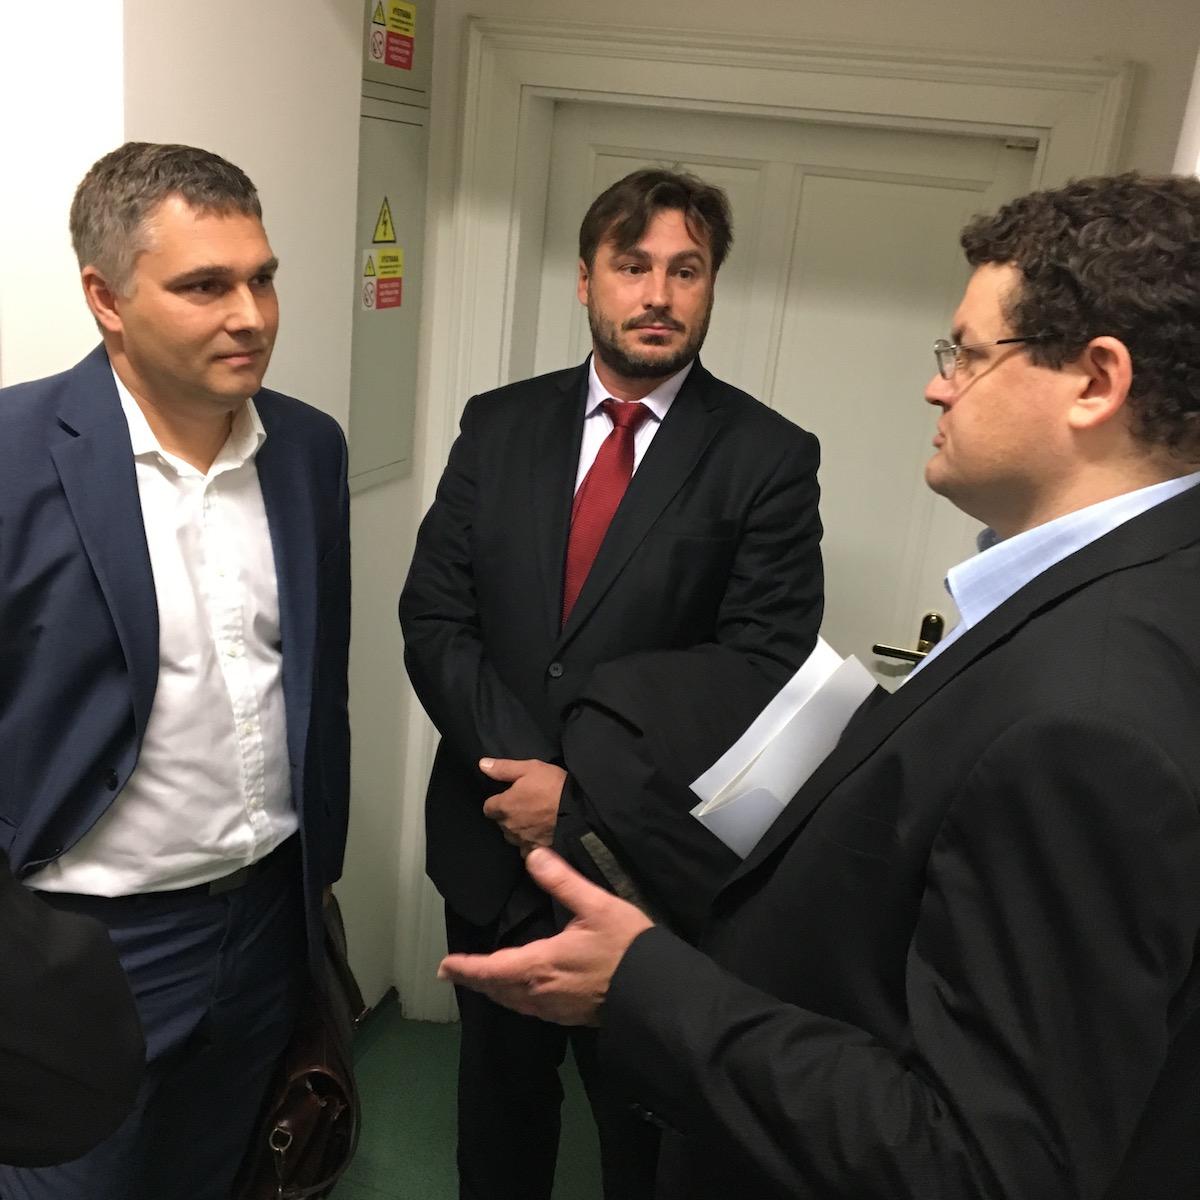 Zleva šéf právního Novy Štěpán Peichl, advokát Robert Němec a právník rady pro vysílání Zdeněk Malacha čekají na verdikt soudu